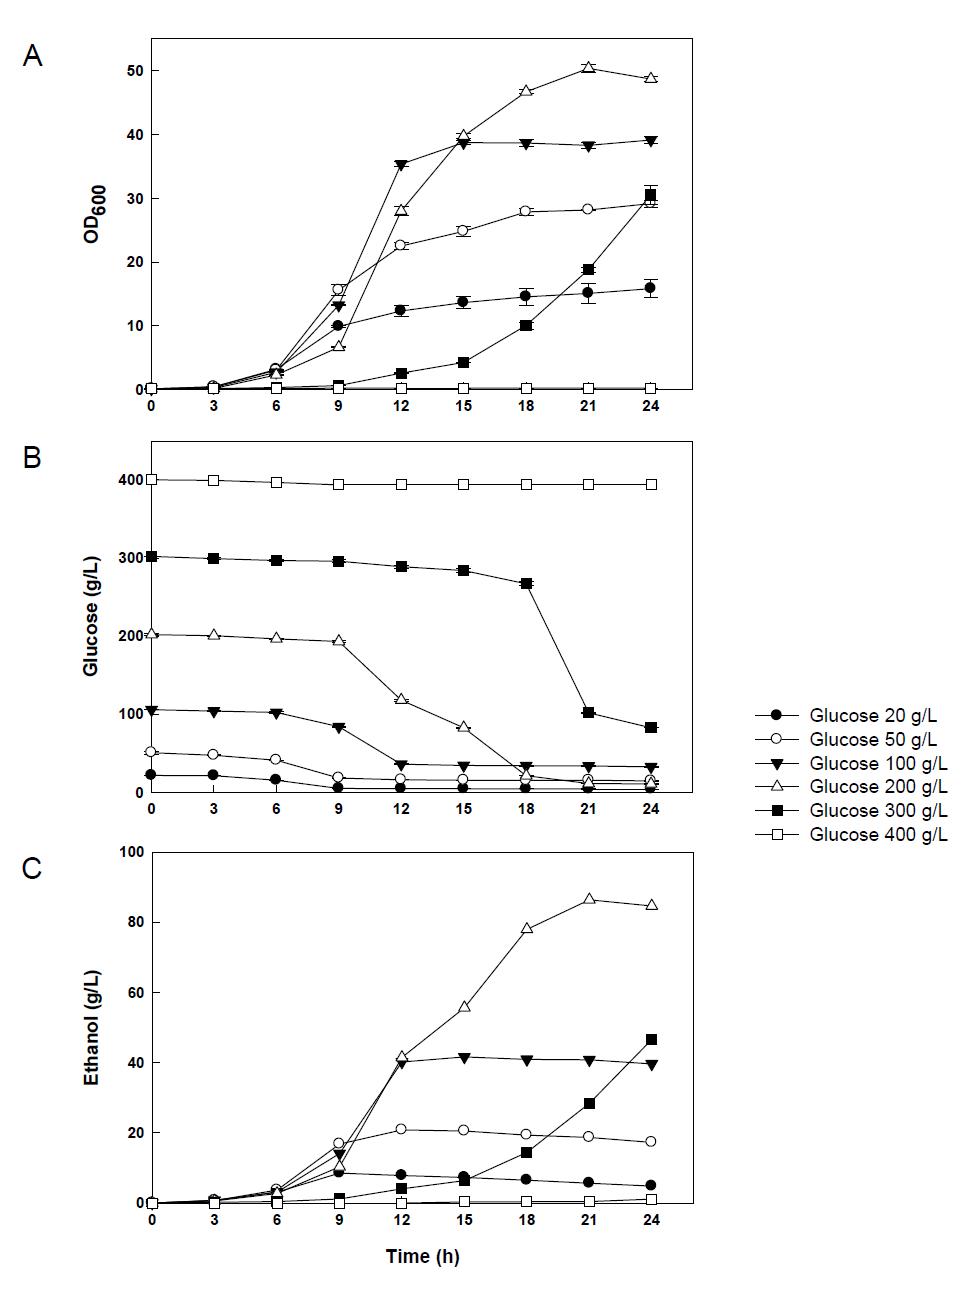 포도당 농도가 NK28의 생장(A), 포도당 이용(B), 에탄올 생산(C)에 미치는 영향.